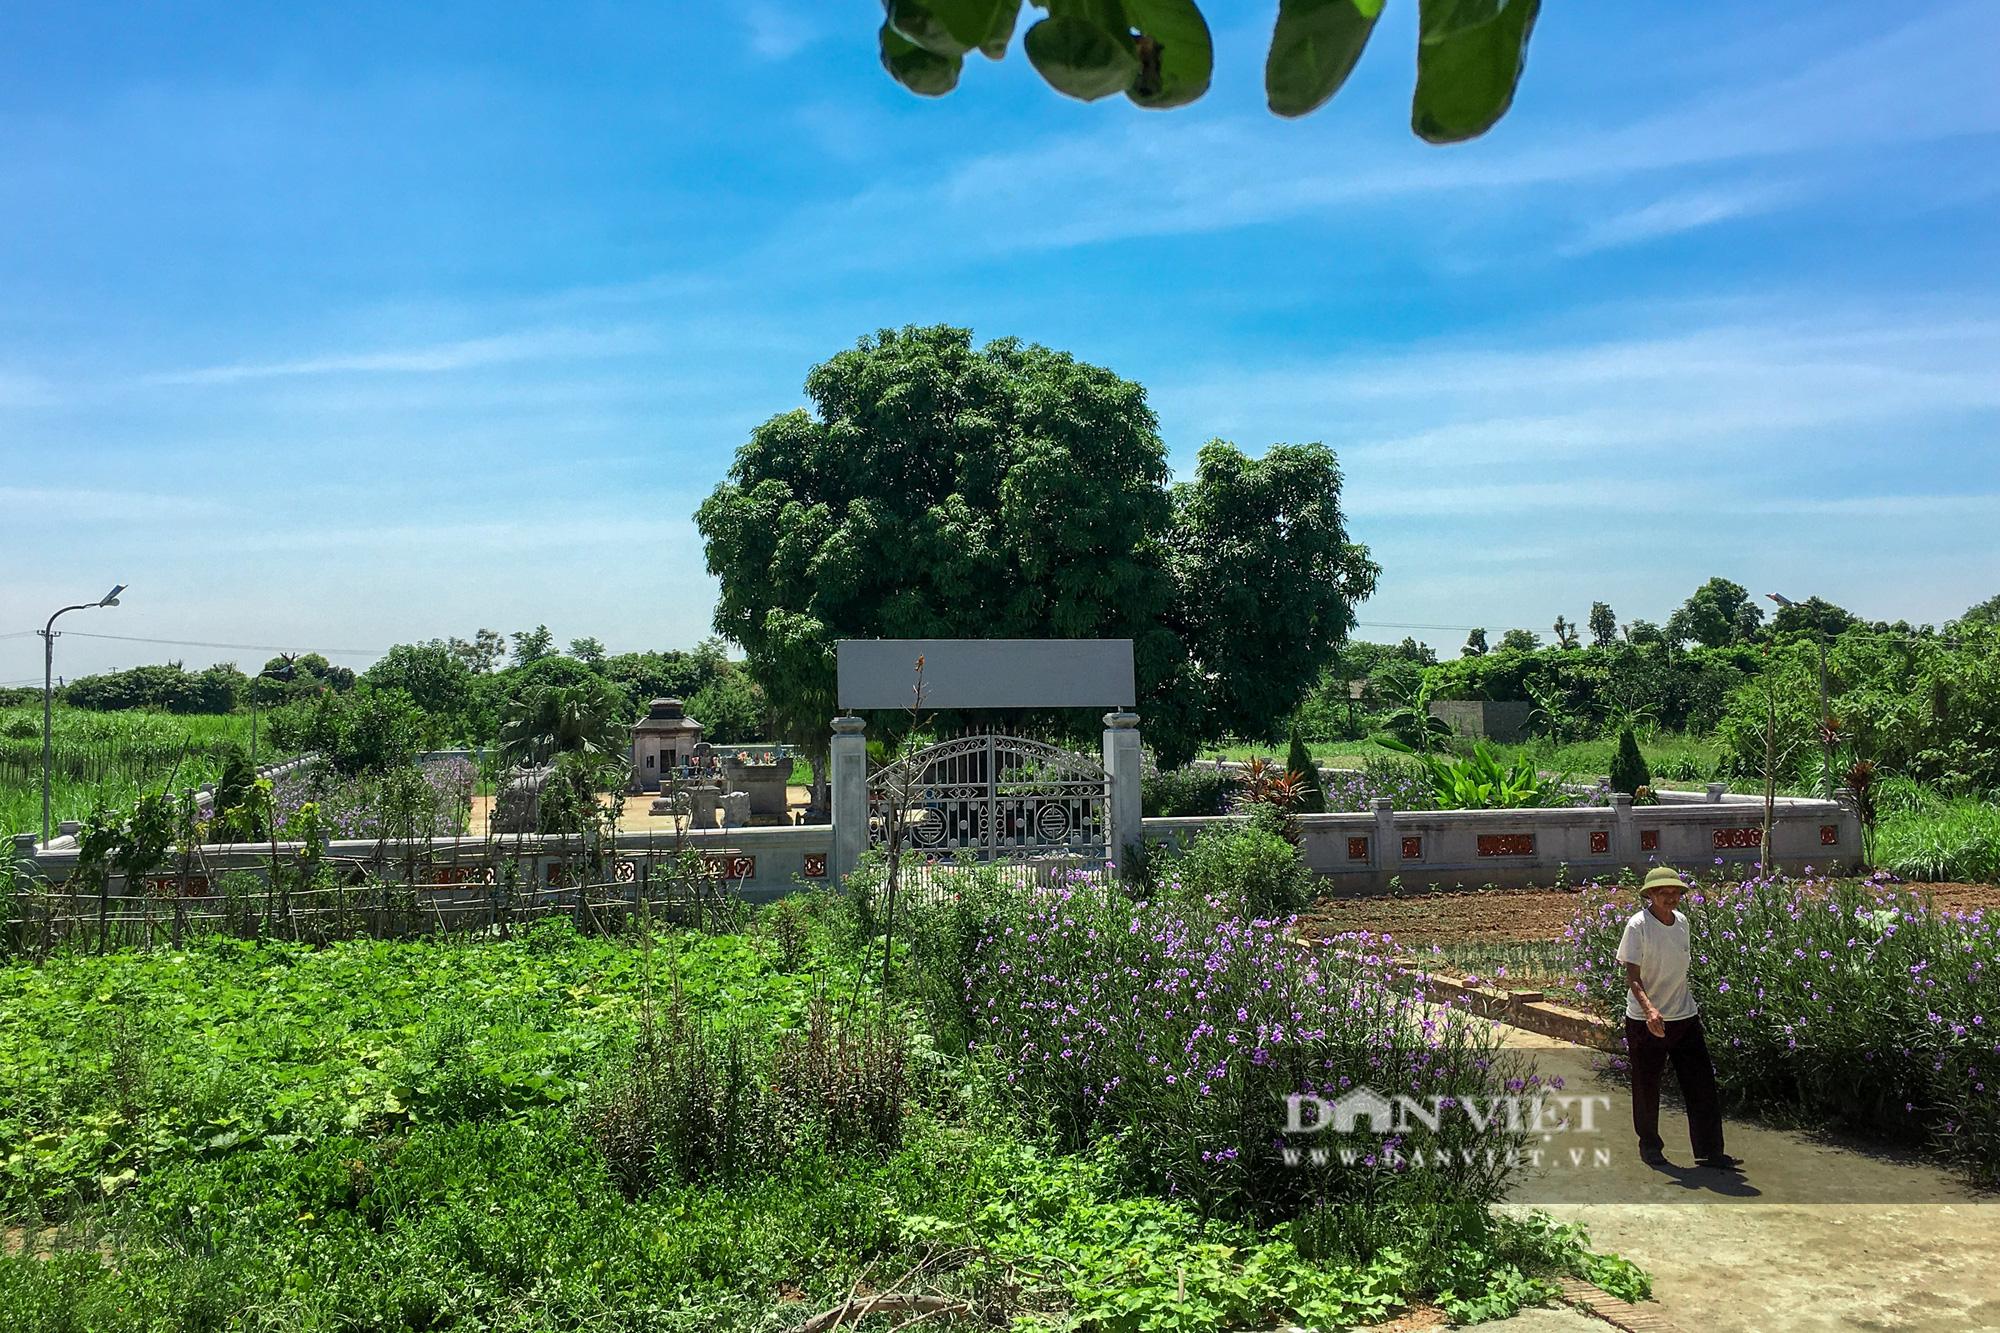 Bí ẩn lăng mộ đá ở Hà Nội bị 2 trận lũ lớn vùi lấp suốt hàng trăm năm - Ảnh 12.